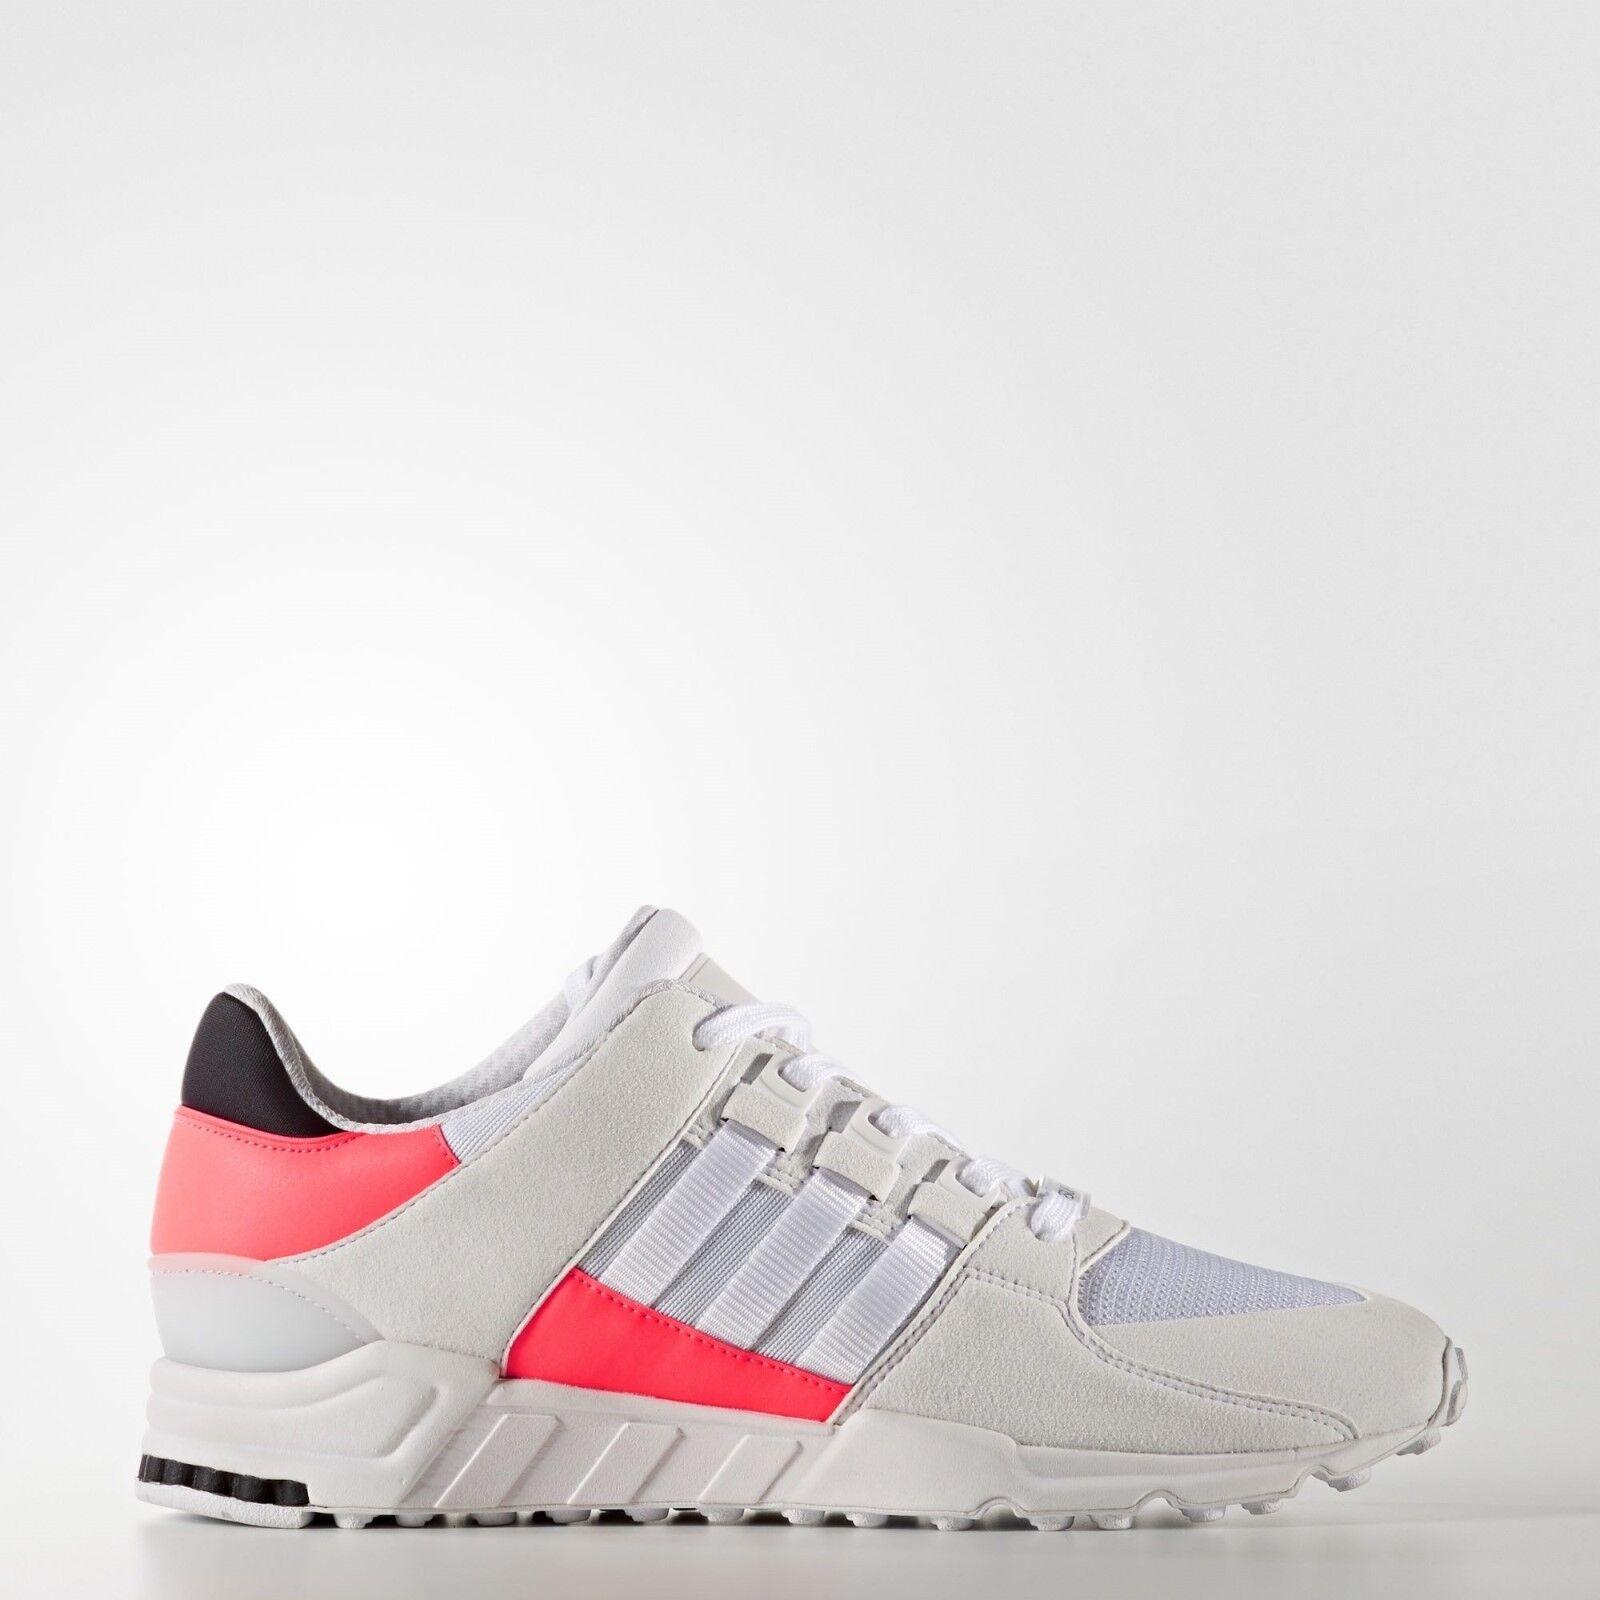 Adidas Support Originals RF (US 10) EQT Originals Support Cushion Tubular 9ef79a